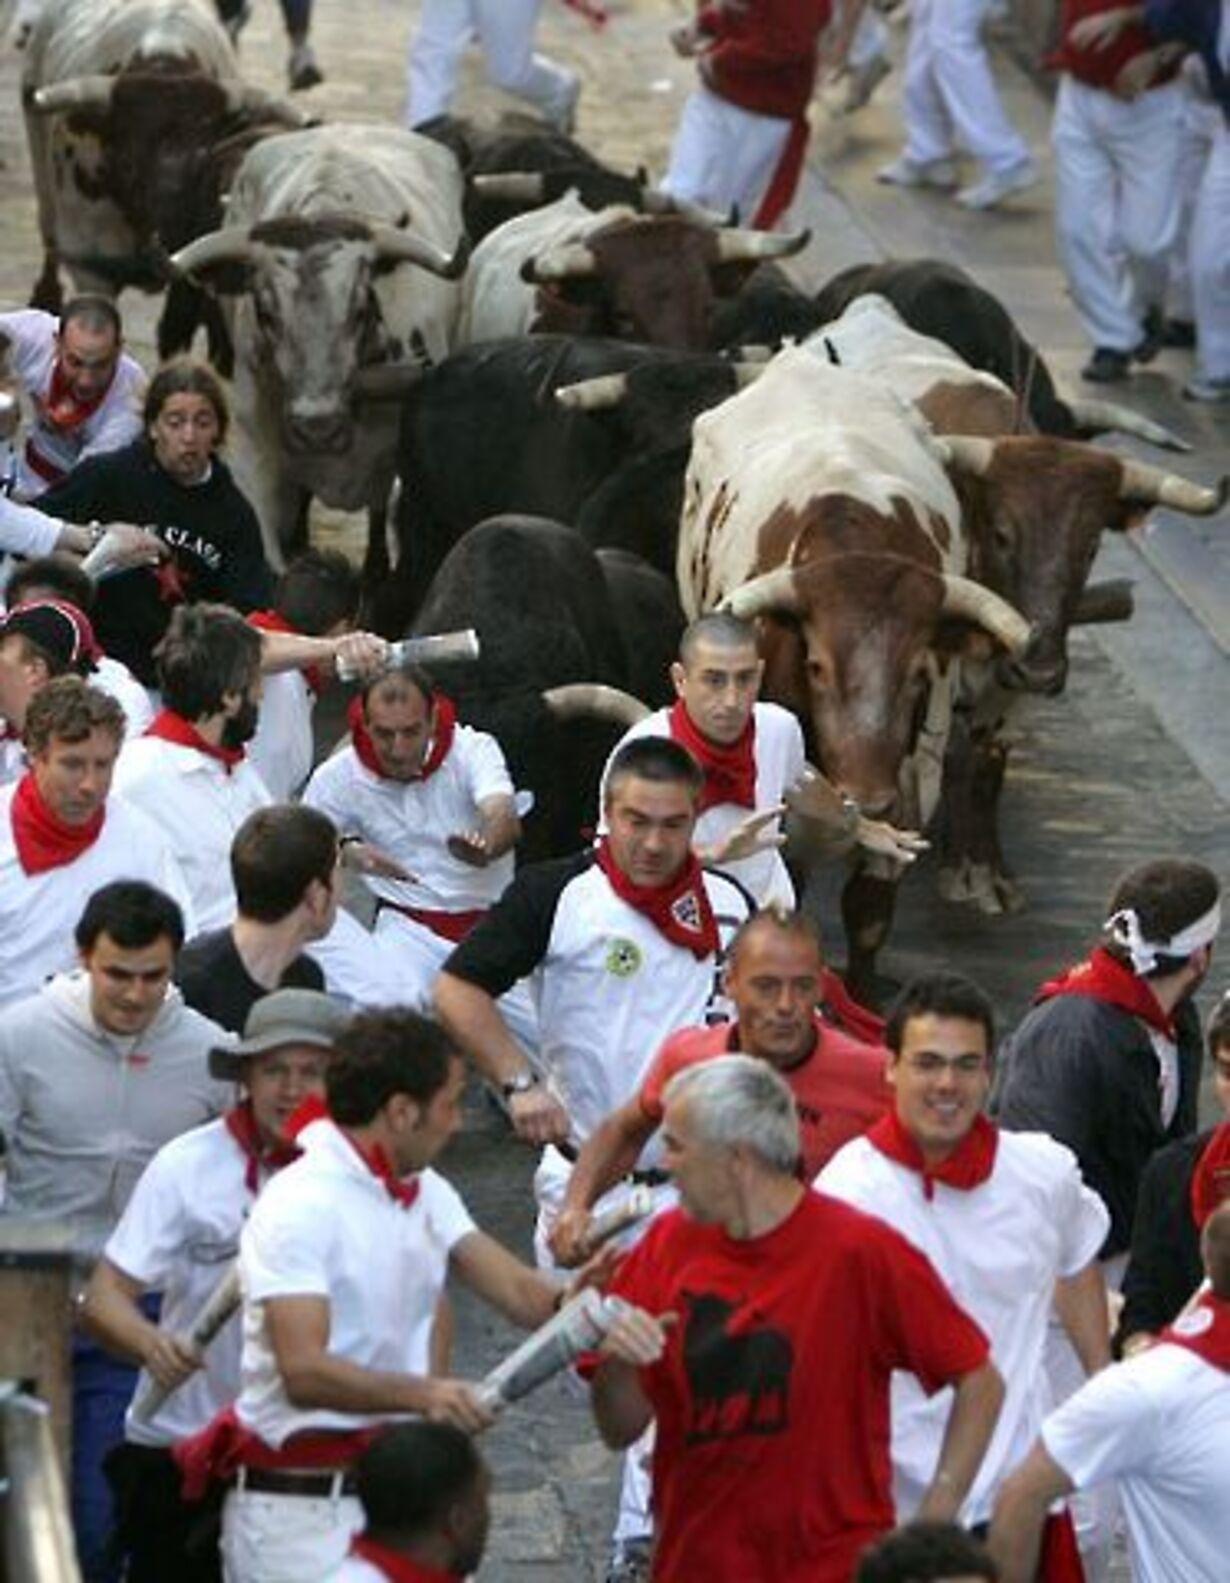 Dramatisk tyreløb i Pamplona - 3